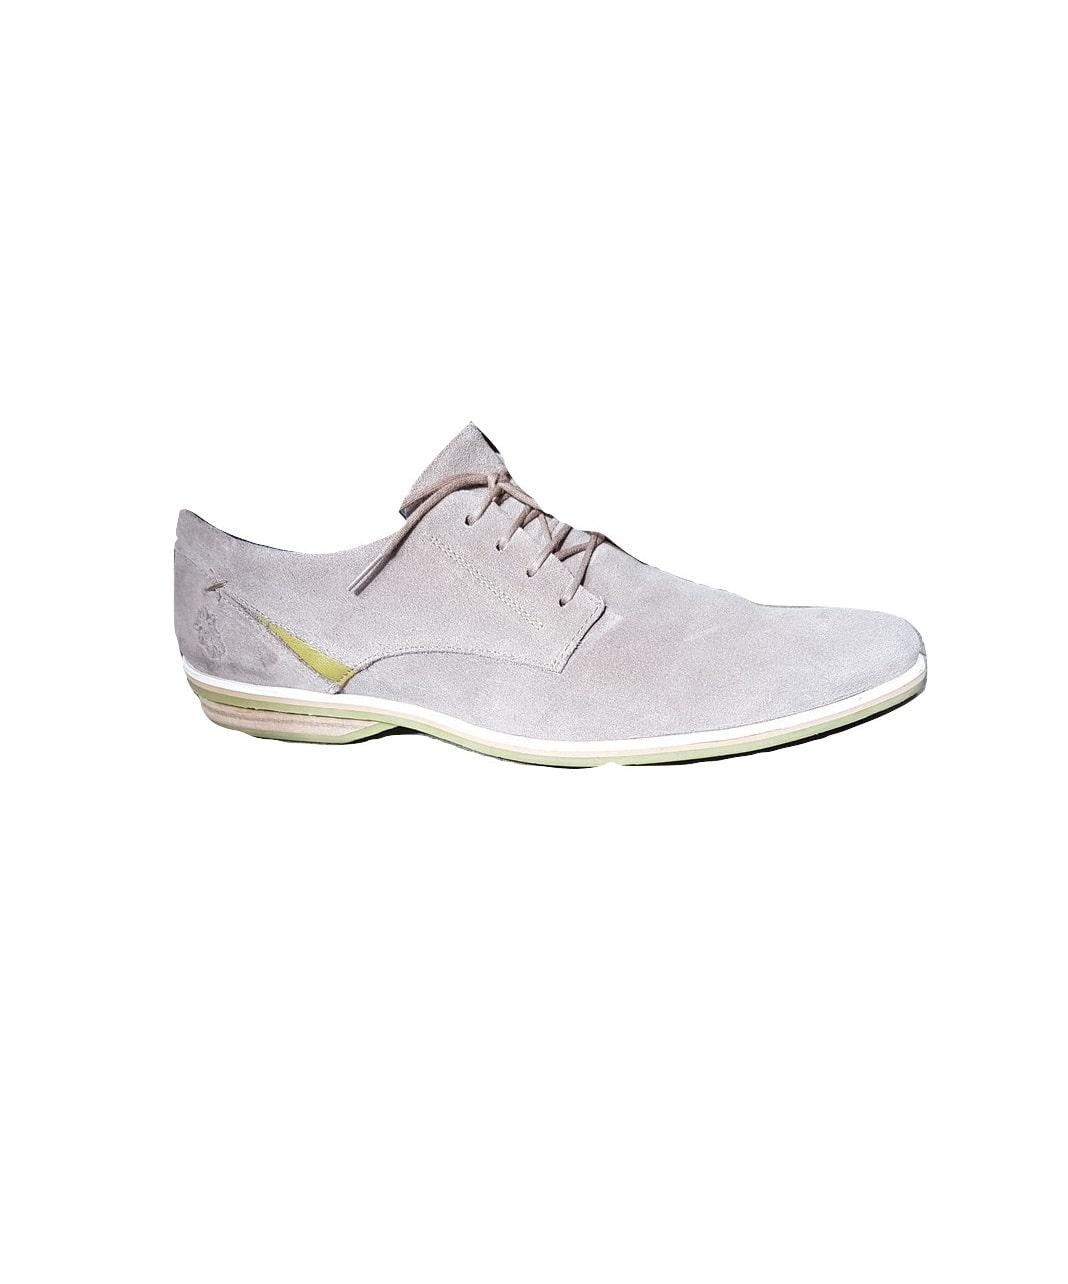 Vyriški pilki batai, 44 dydis